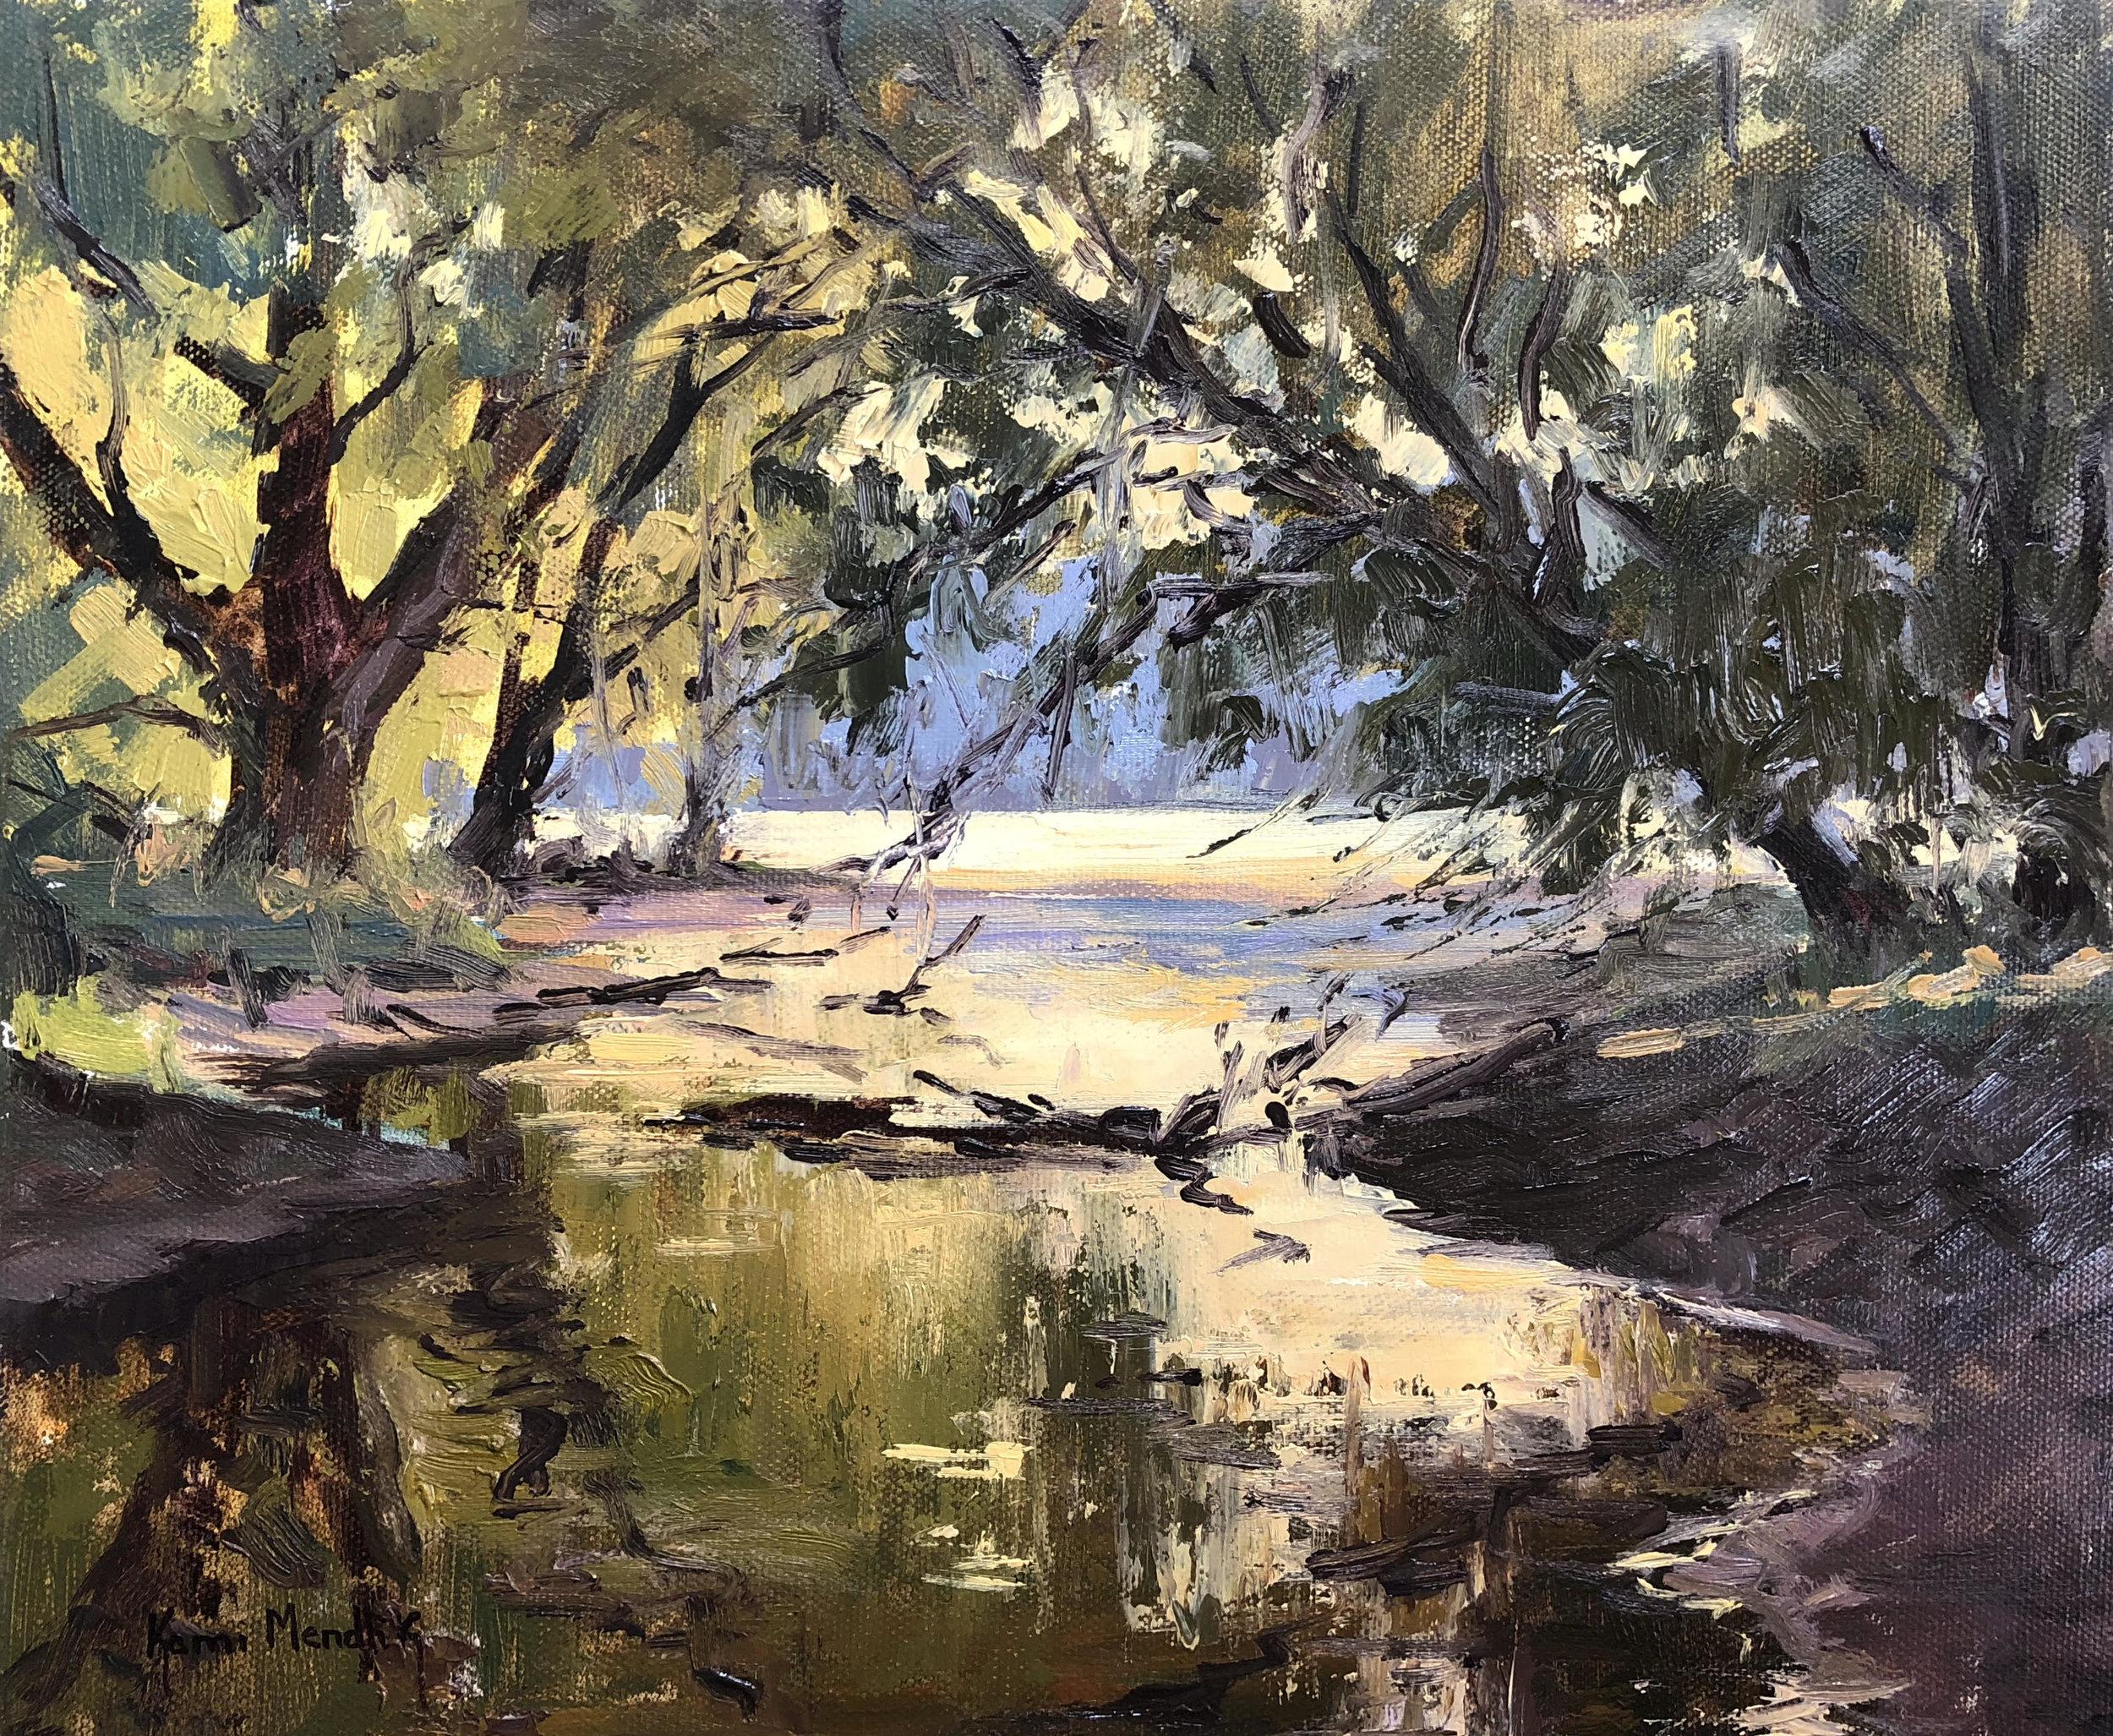 Painting by Kami Mendlik